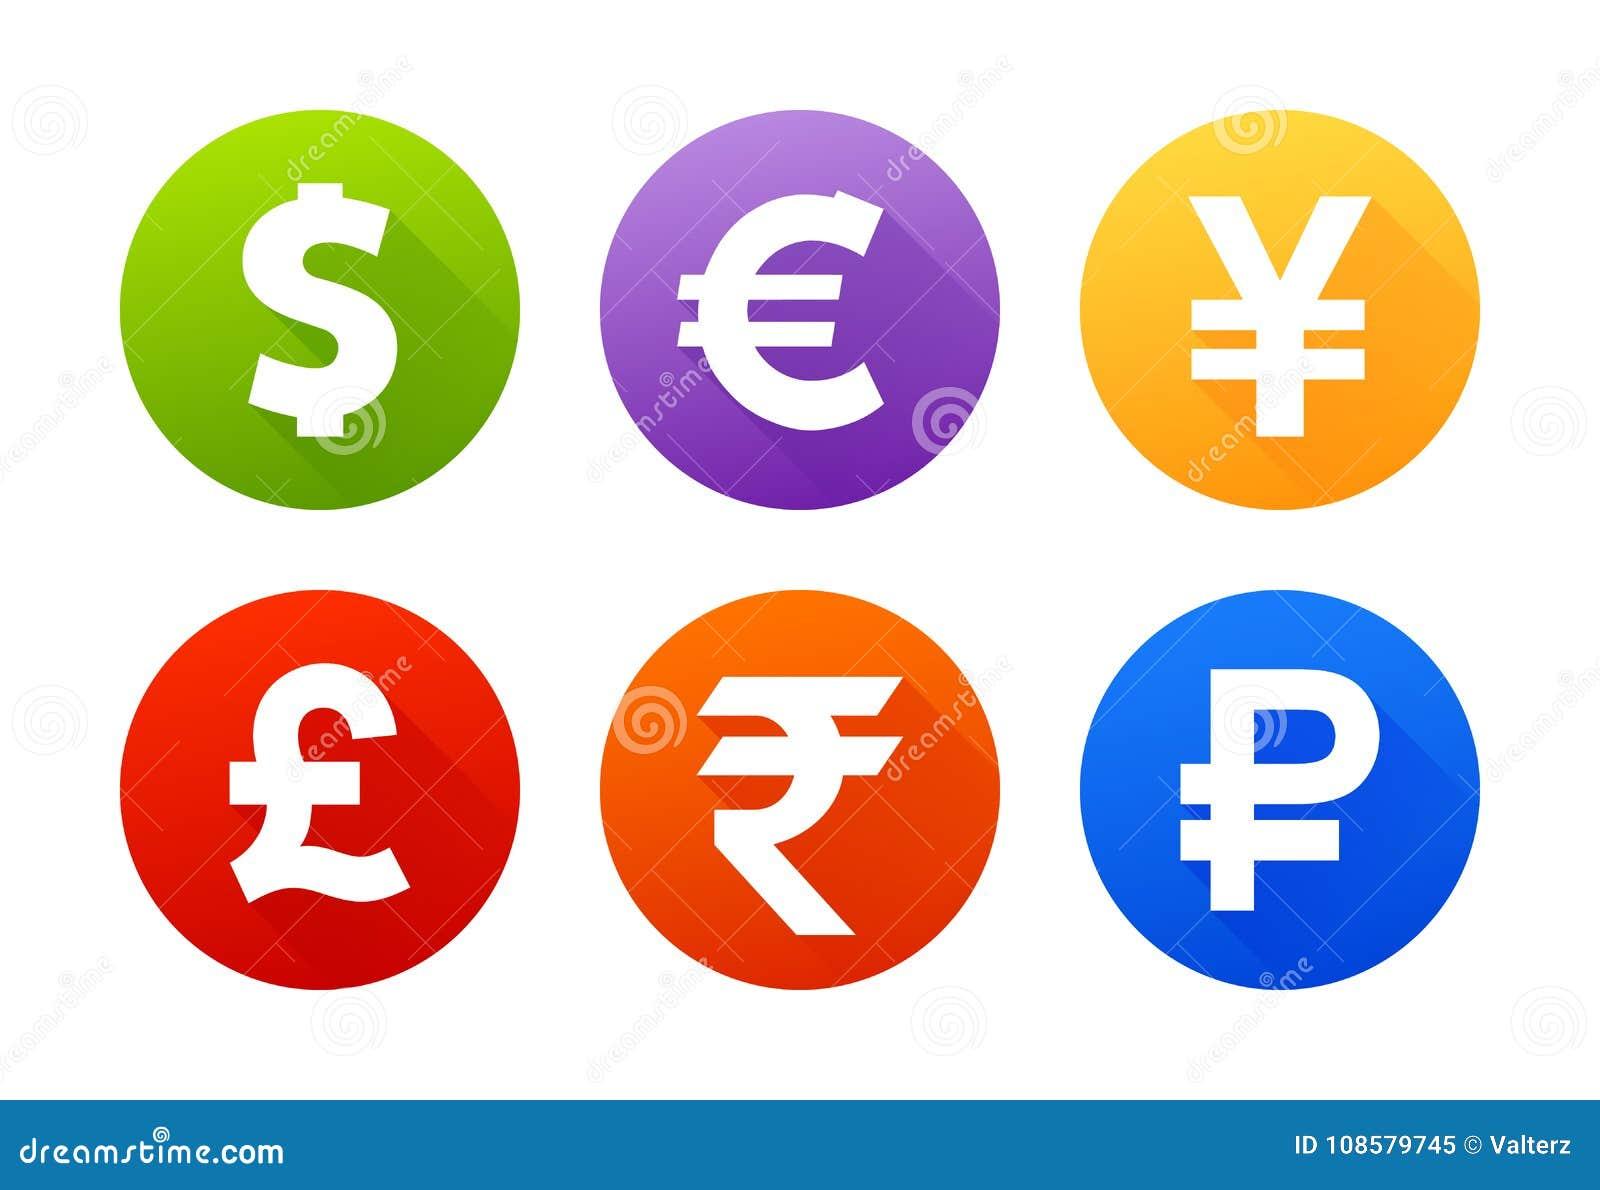 Icones De Devise Avec Rouble De Roupie De Yuans De Yens De